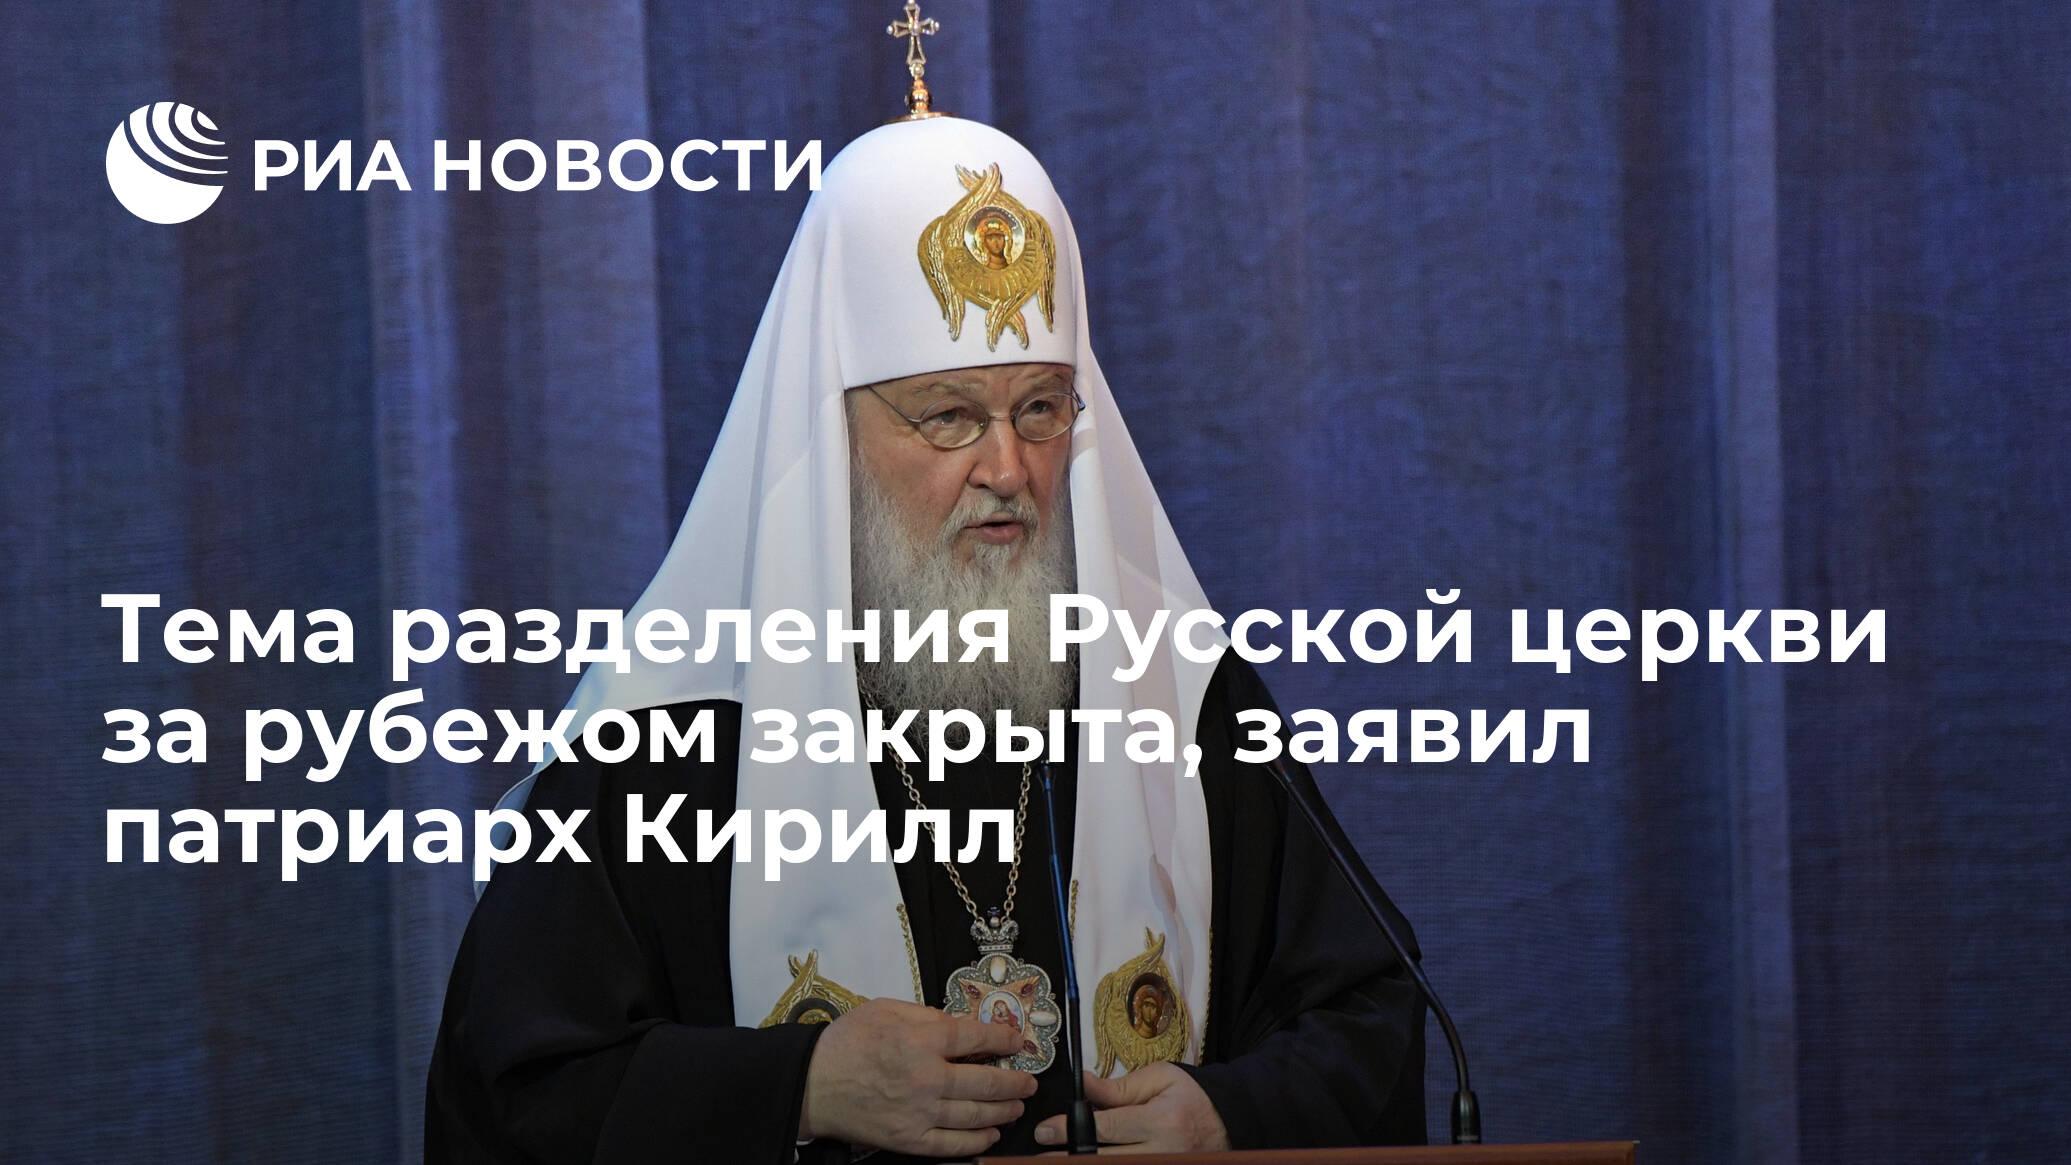 Тема разделения Русской церкви за рубежом закрыта, заявил патриарх Кирилл